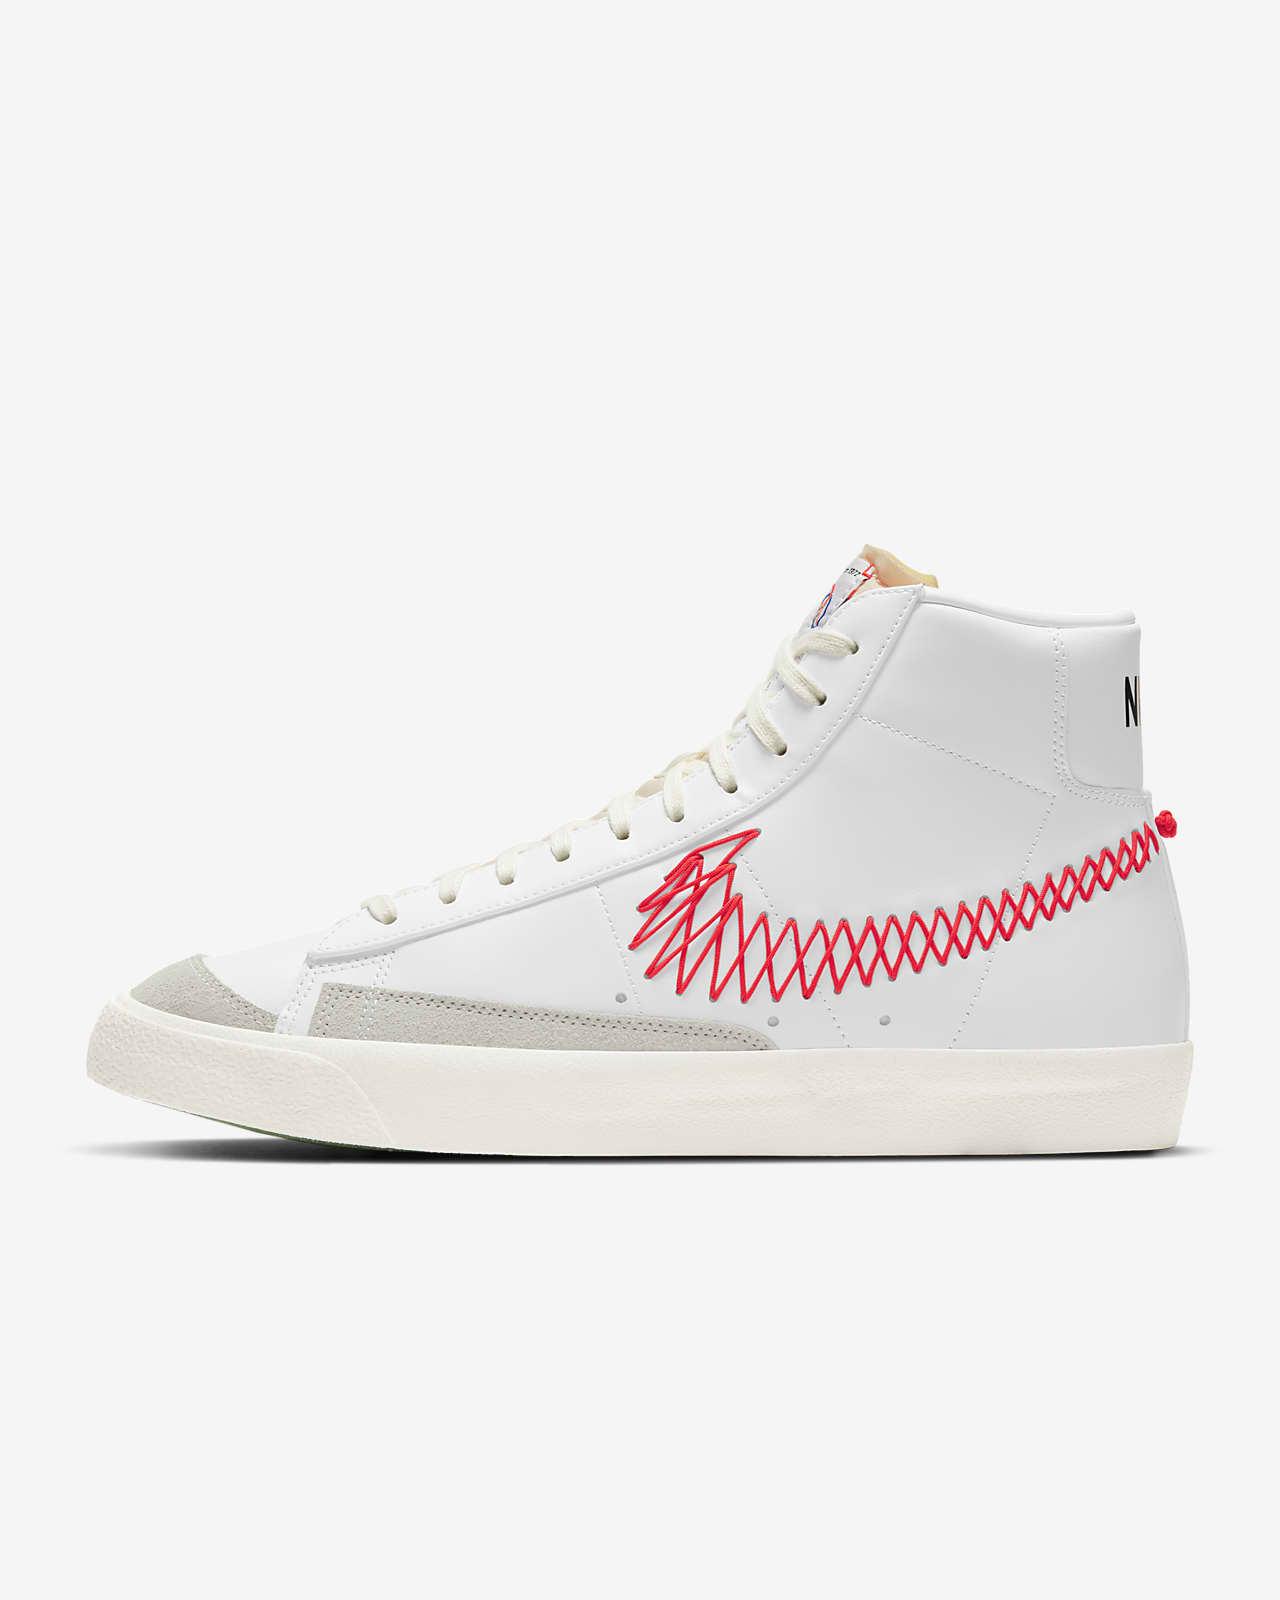 รองเท้าผู้ชาย Nike Blazer Mid '77 Vintage